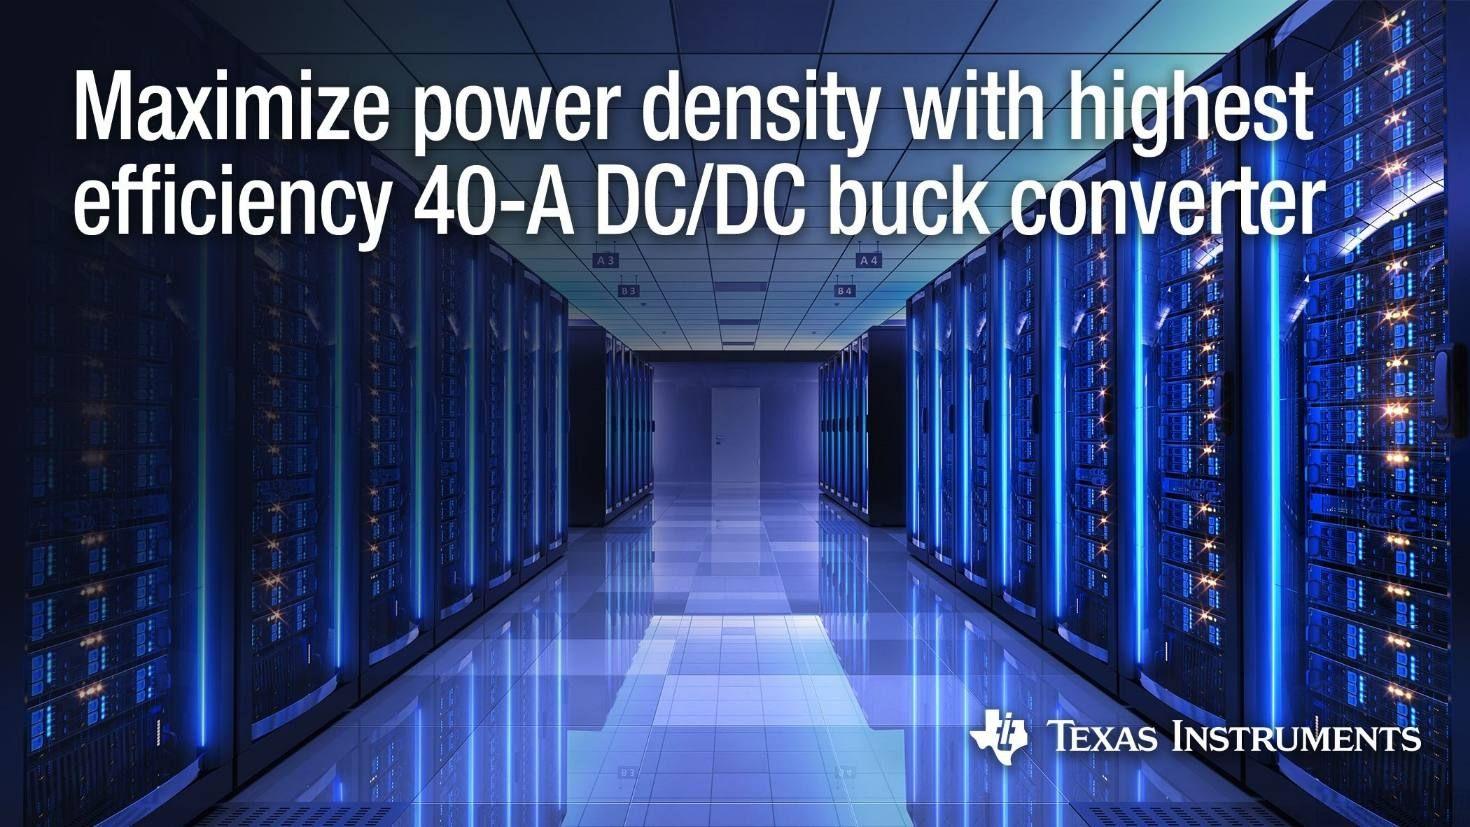 德州仪器推出堆栈式 DC/DC 降压转换器